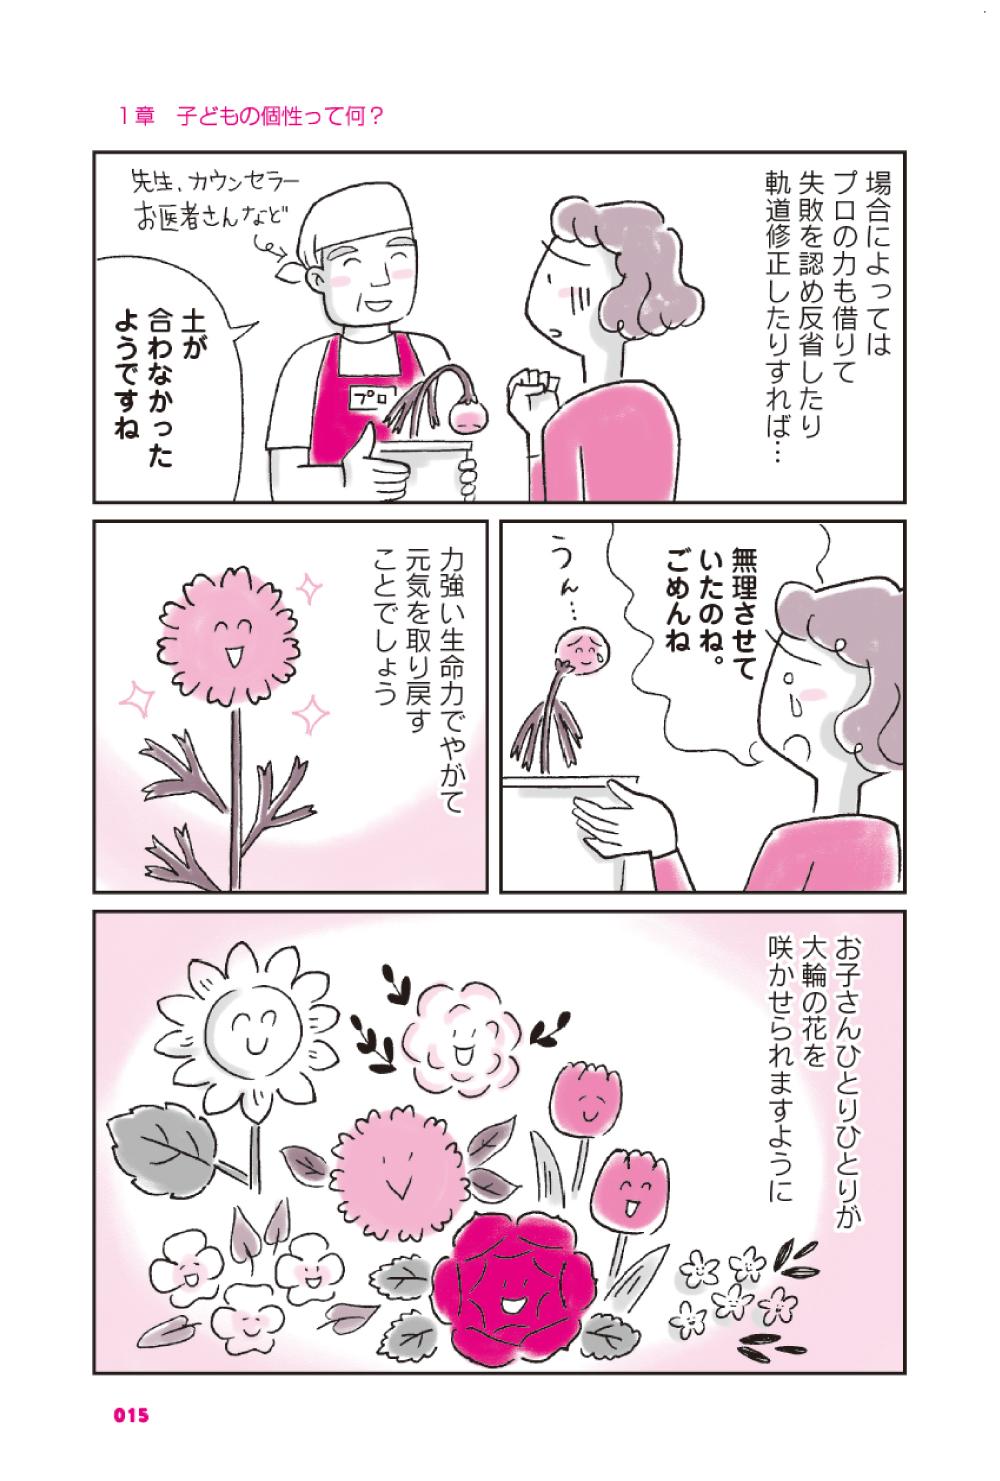 【教育】子どもを伸ばす母親力の磨き方の画像9